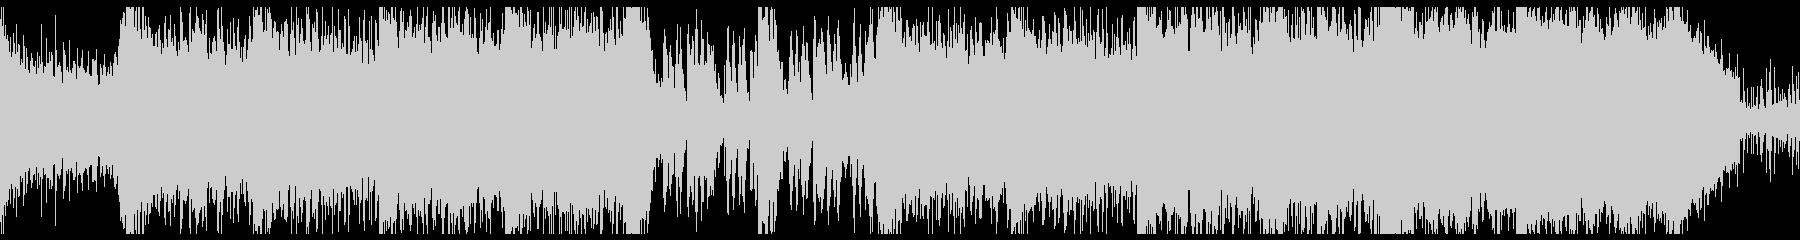 壮大で重厚なRPGダンジョンっぽいBGMの未再生の波形